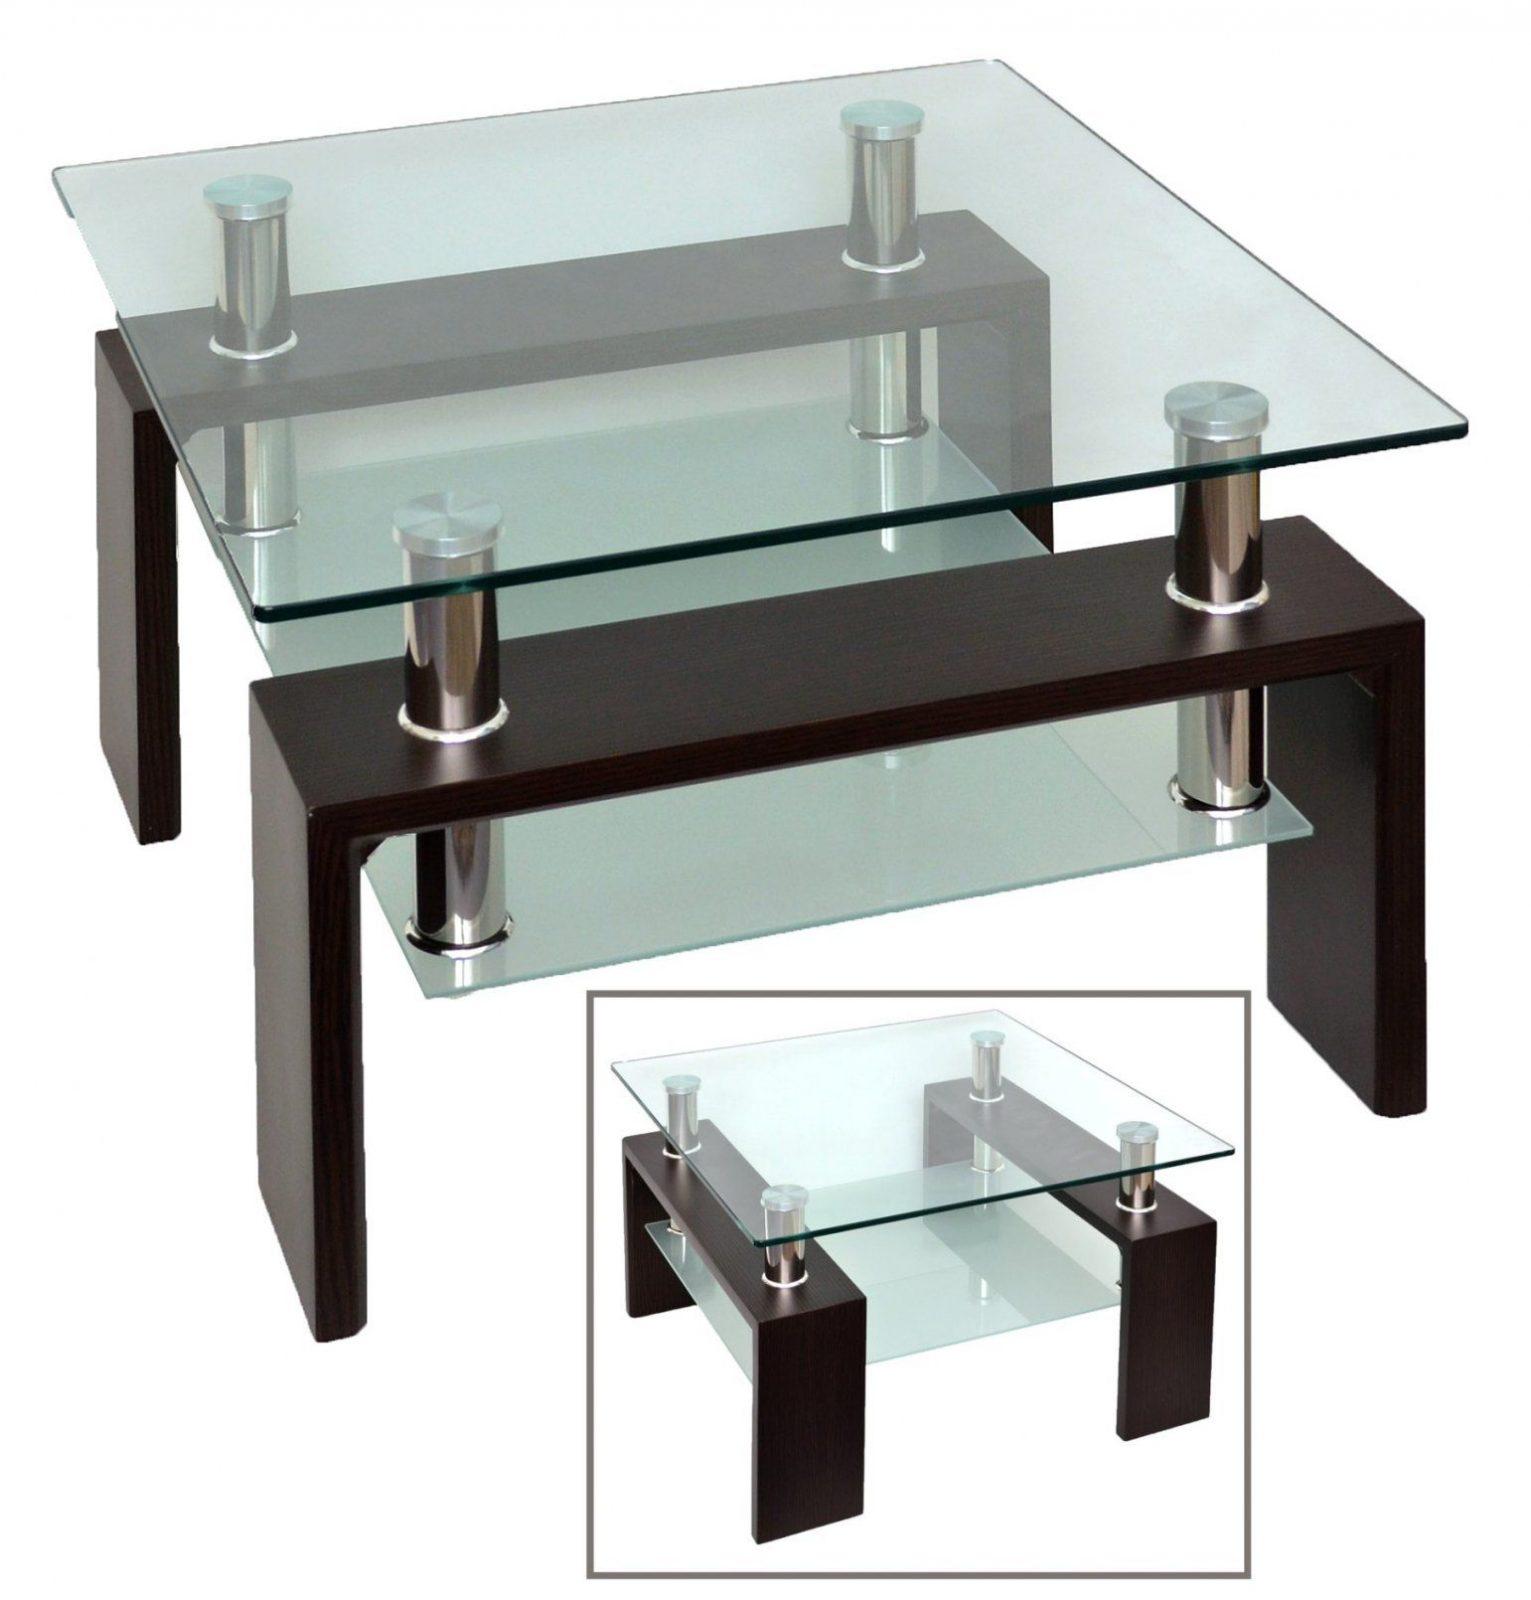 Oben Couchtisch Walnuss 70X70 Cm Couchtische Wohnzimmer Furnier Glas von Couchtisch Glas 70X70 Bild